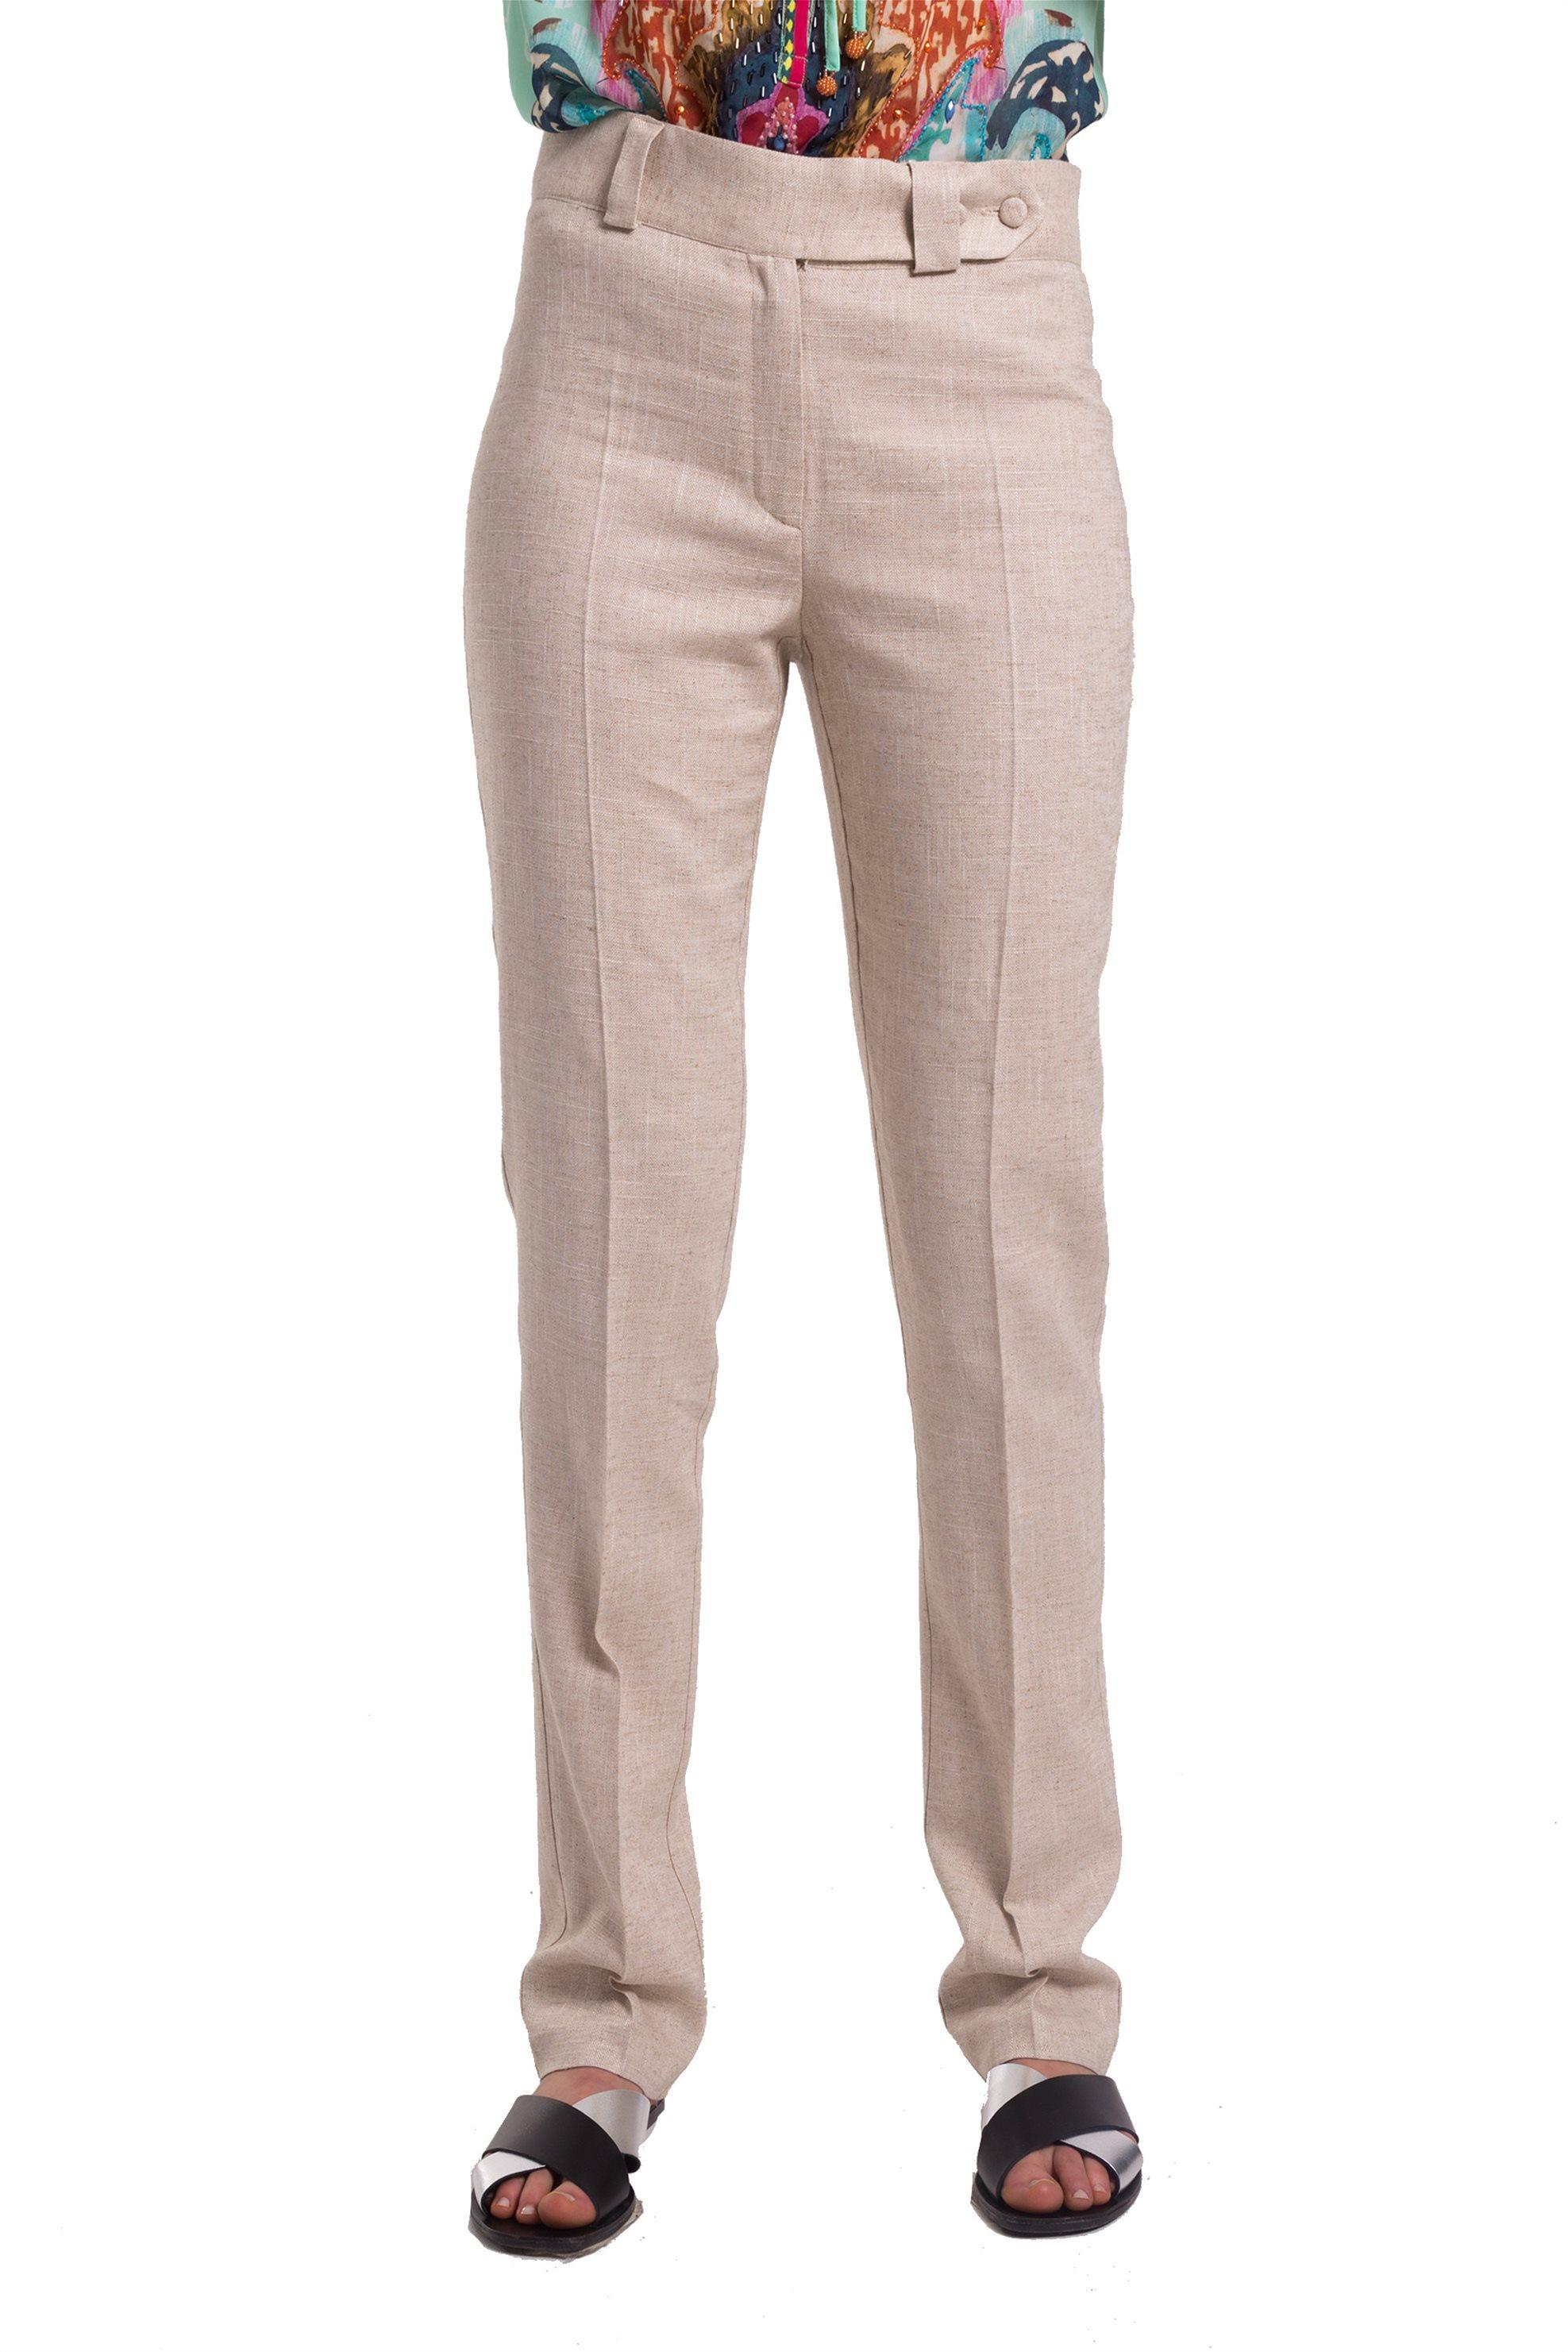 Γυναικείο μπεζ λινό παντελόνι Lucifair… 30bdcc9f42c